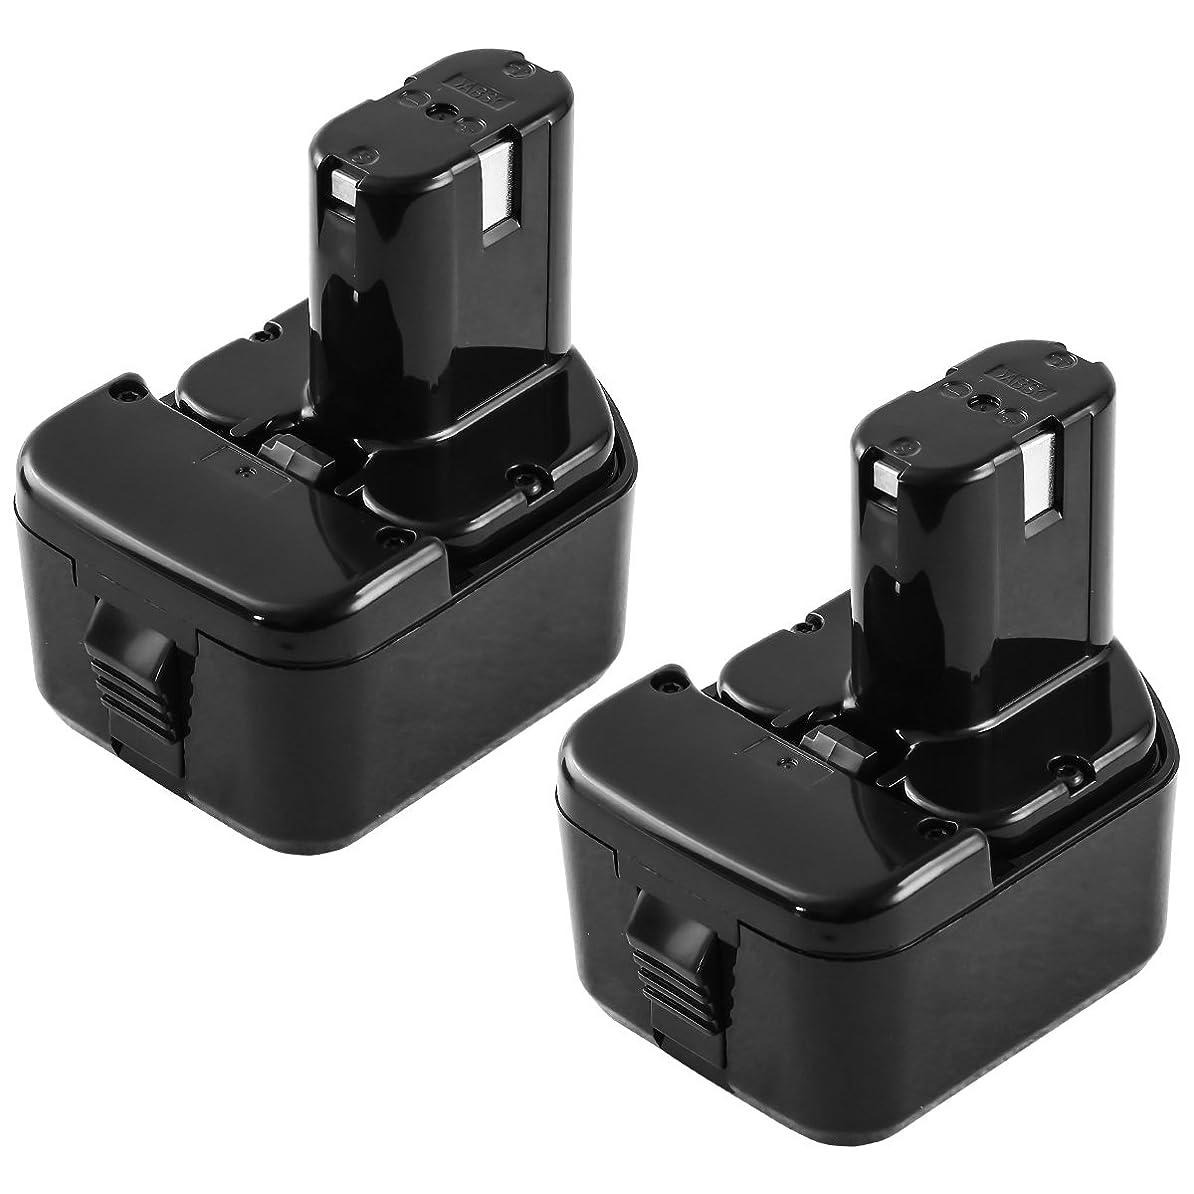 み私たちペットBoetpcr EB1214S 互換バッテリー 日立工機 日立 12v バッテリー EB1214S EB1214L EB1220BL 日立バッテリー12v EB1212Sバッテリー 日立 12V 互換バッテリー 3.0Ah NI-MHニッケル水素2個セット